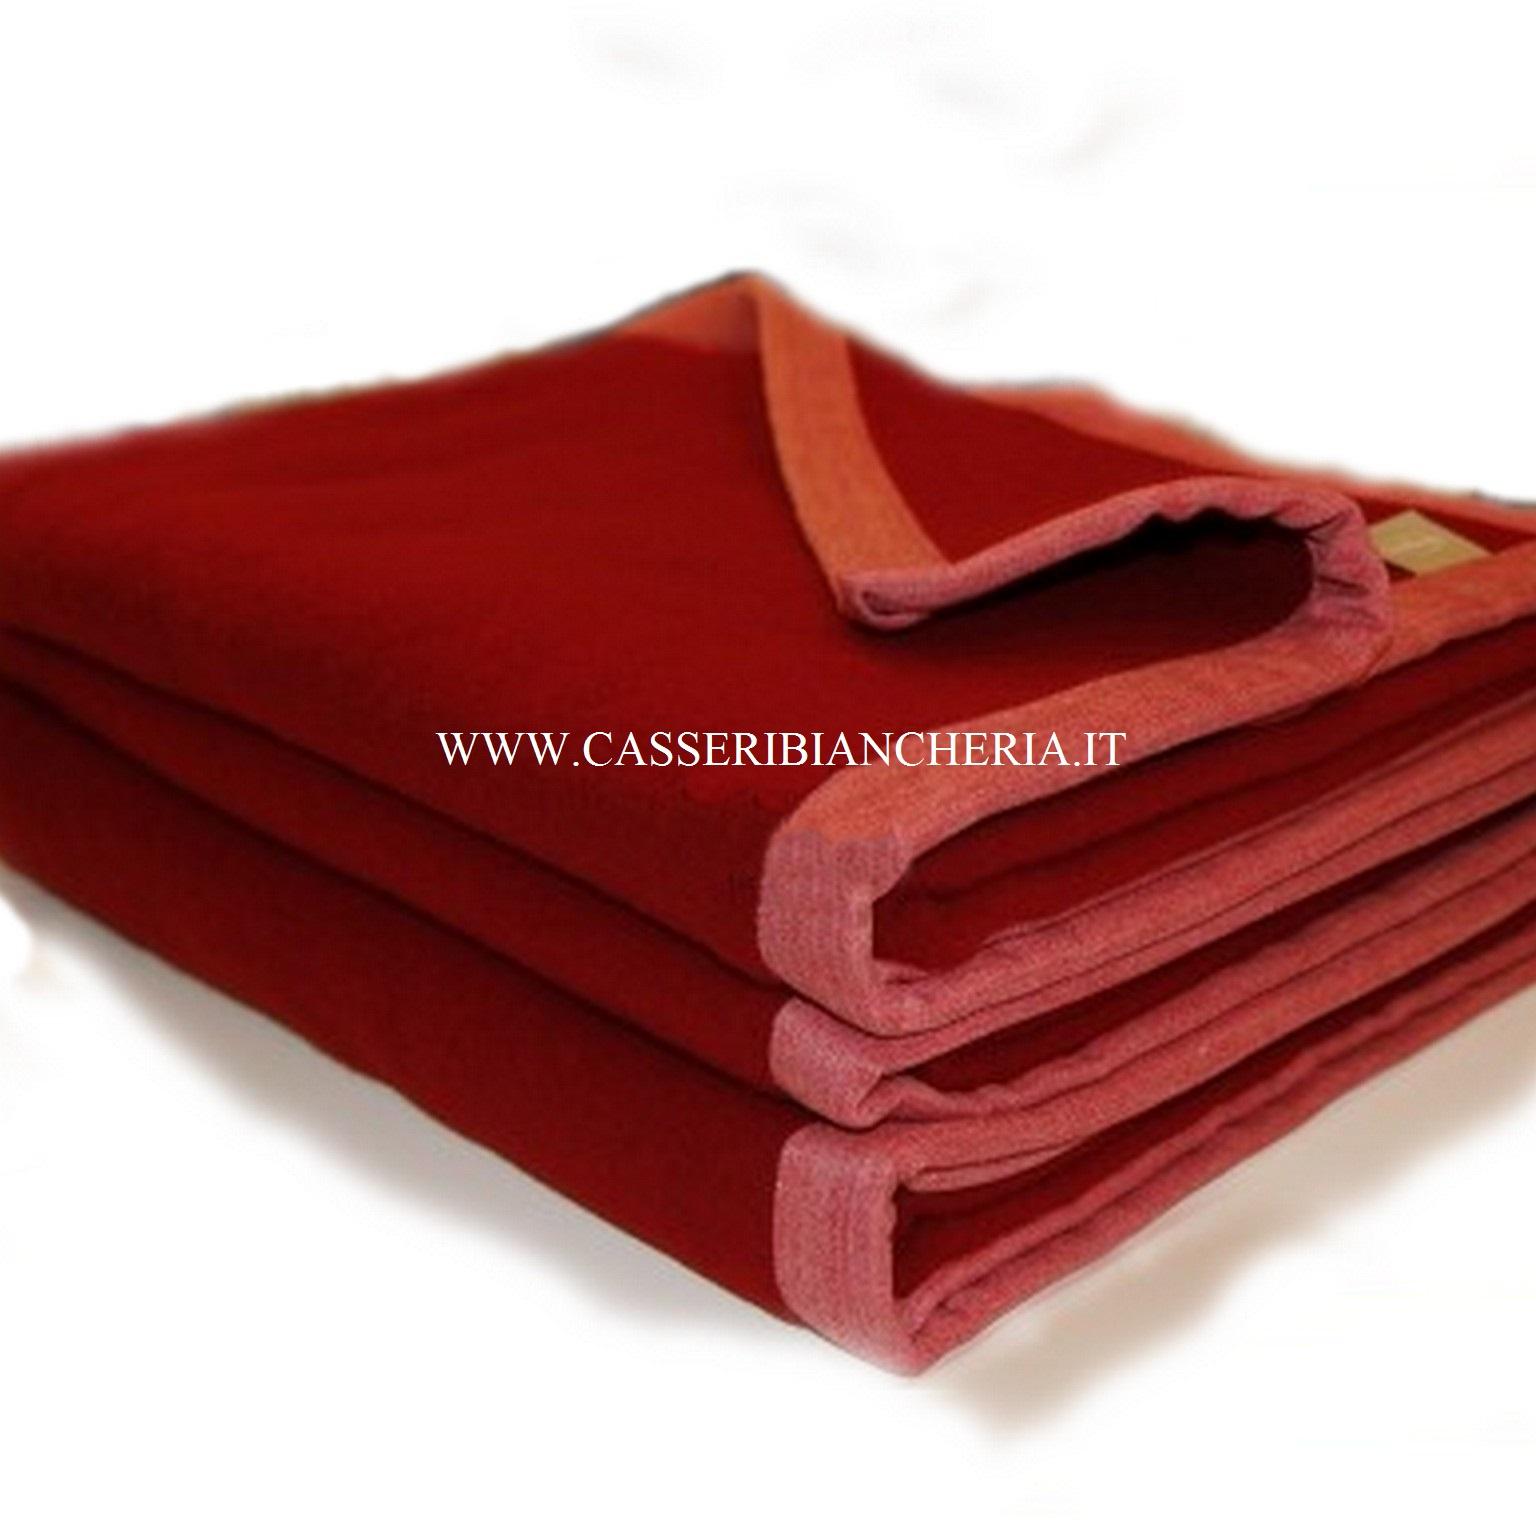 Coperte Di Lana Somma.Coperta Di Lana Matrimoniale Somma Origami Colore Beige Rosso Rubino